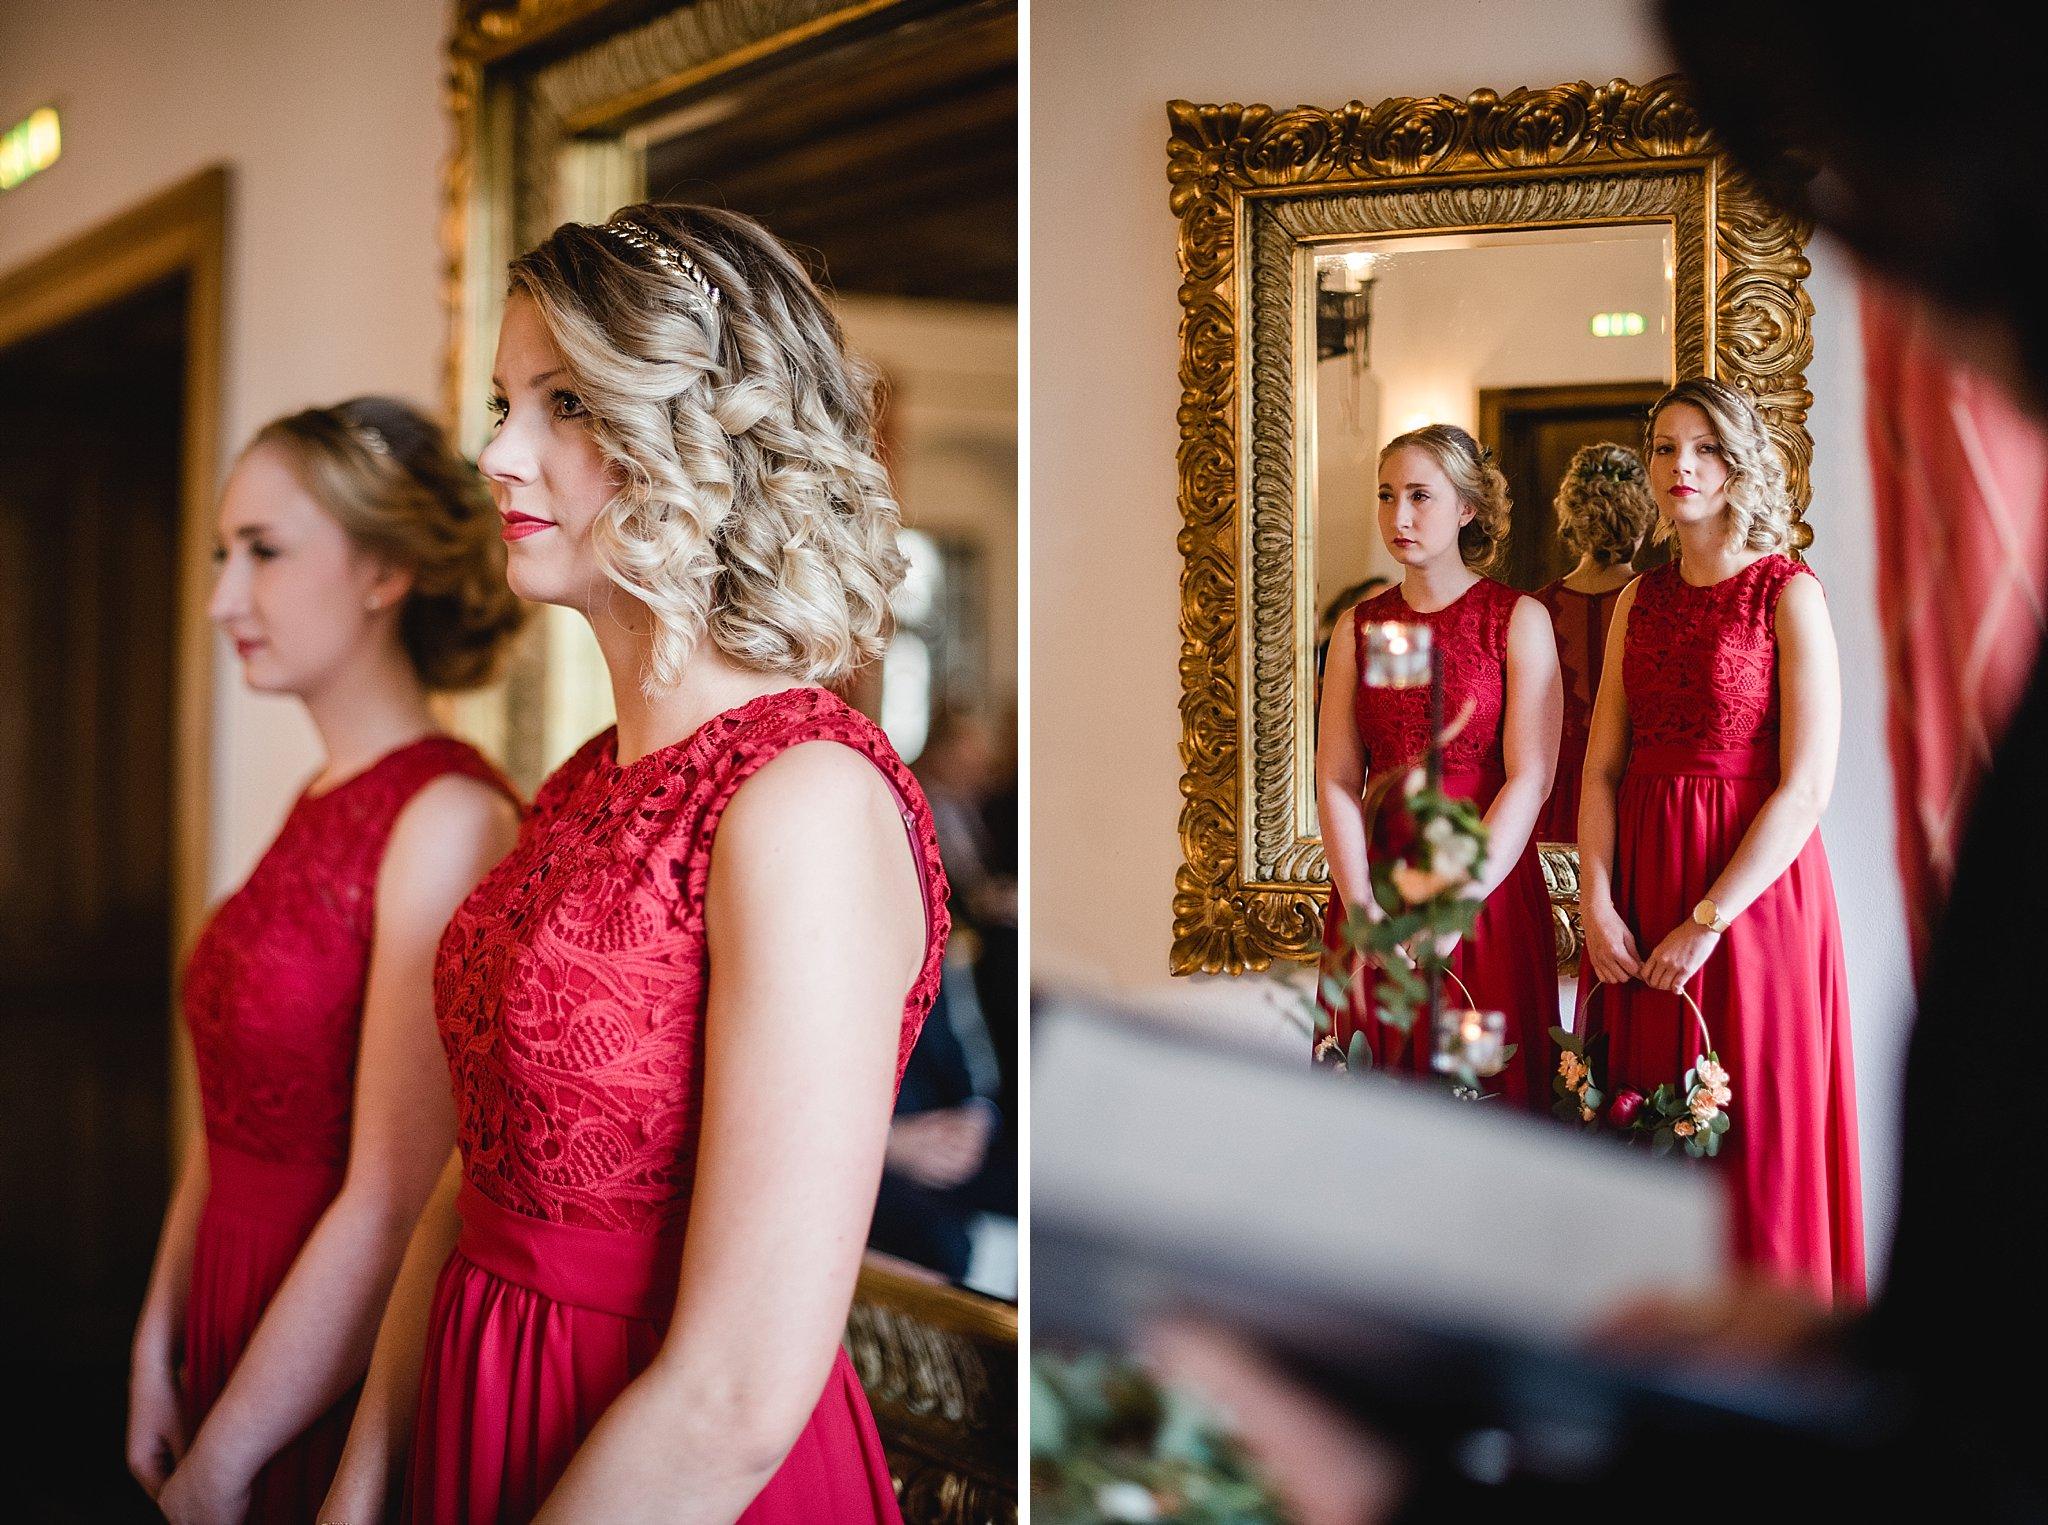 Hochzeit-von-Marina-Dominik-auf-Burg-Wernberg-und-Schloss-Friedrichsburg-00097